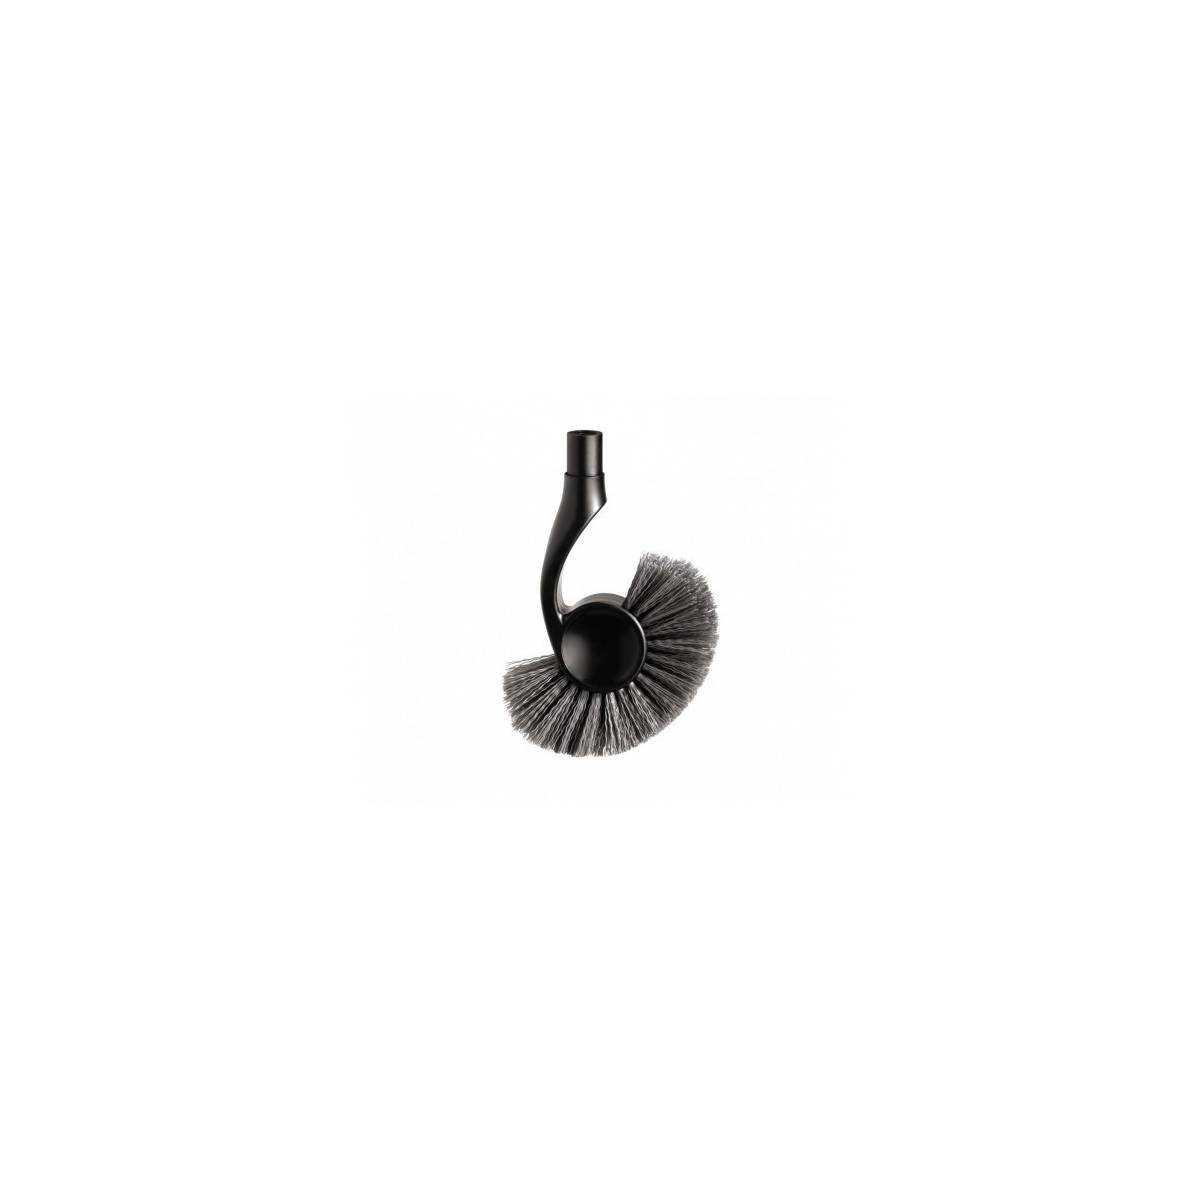 Запасная щетка для унитаза (BT1095) BT1095 Simplehuman